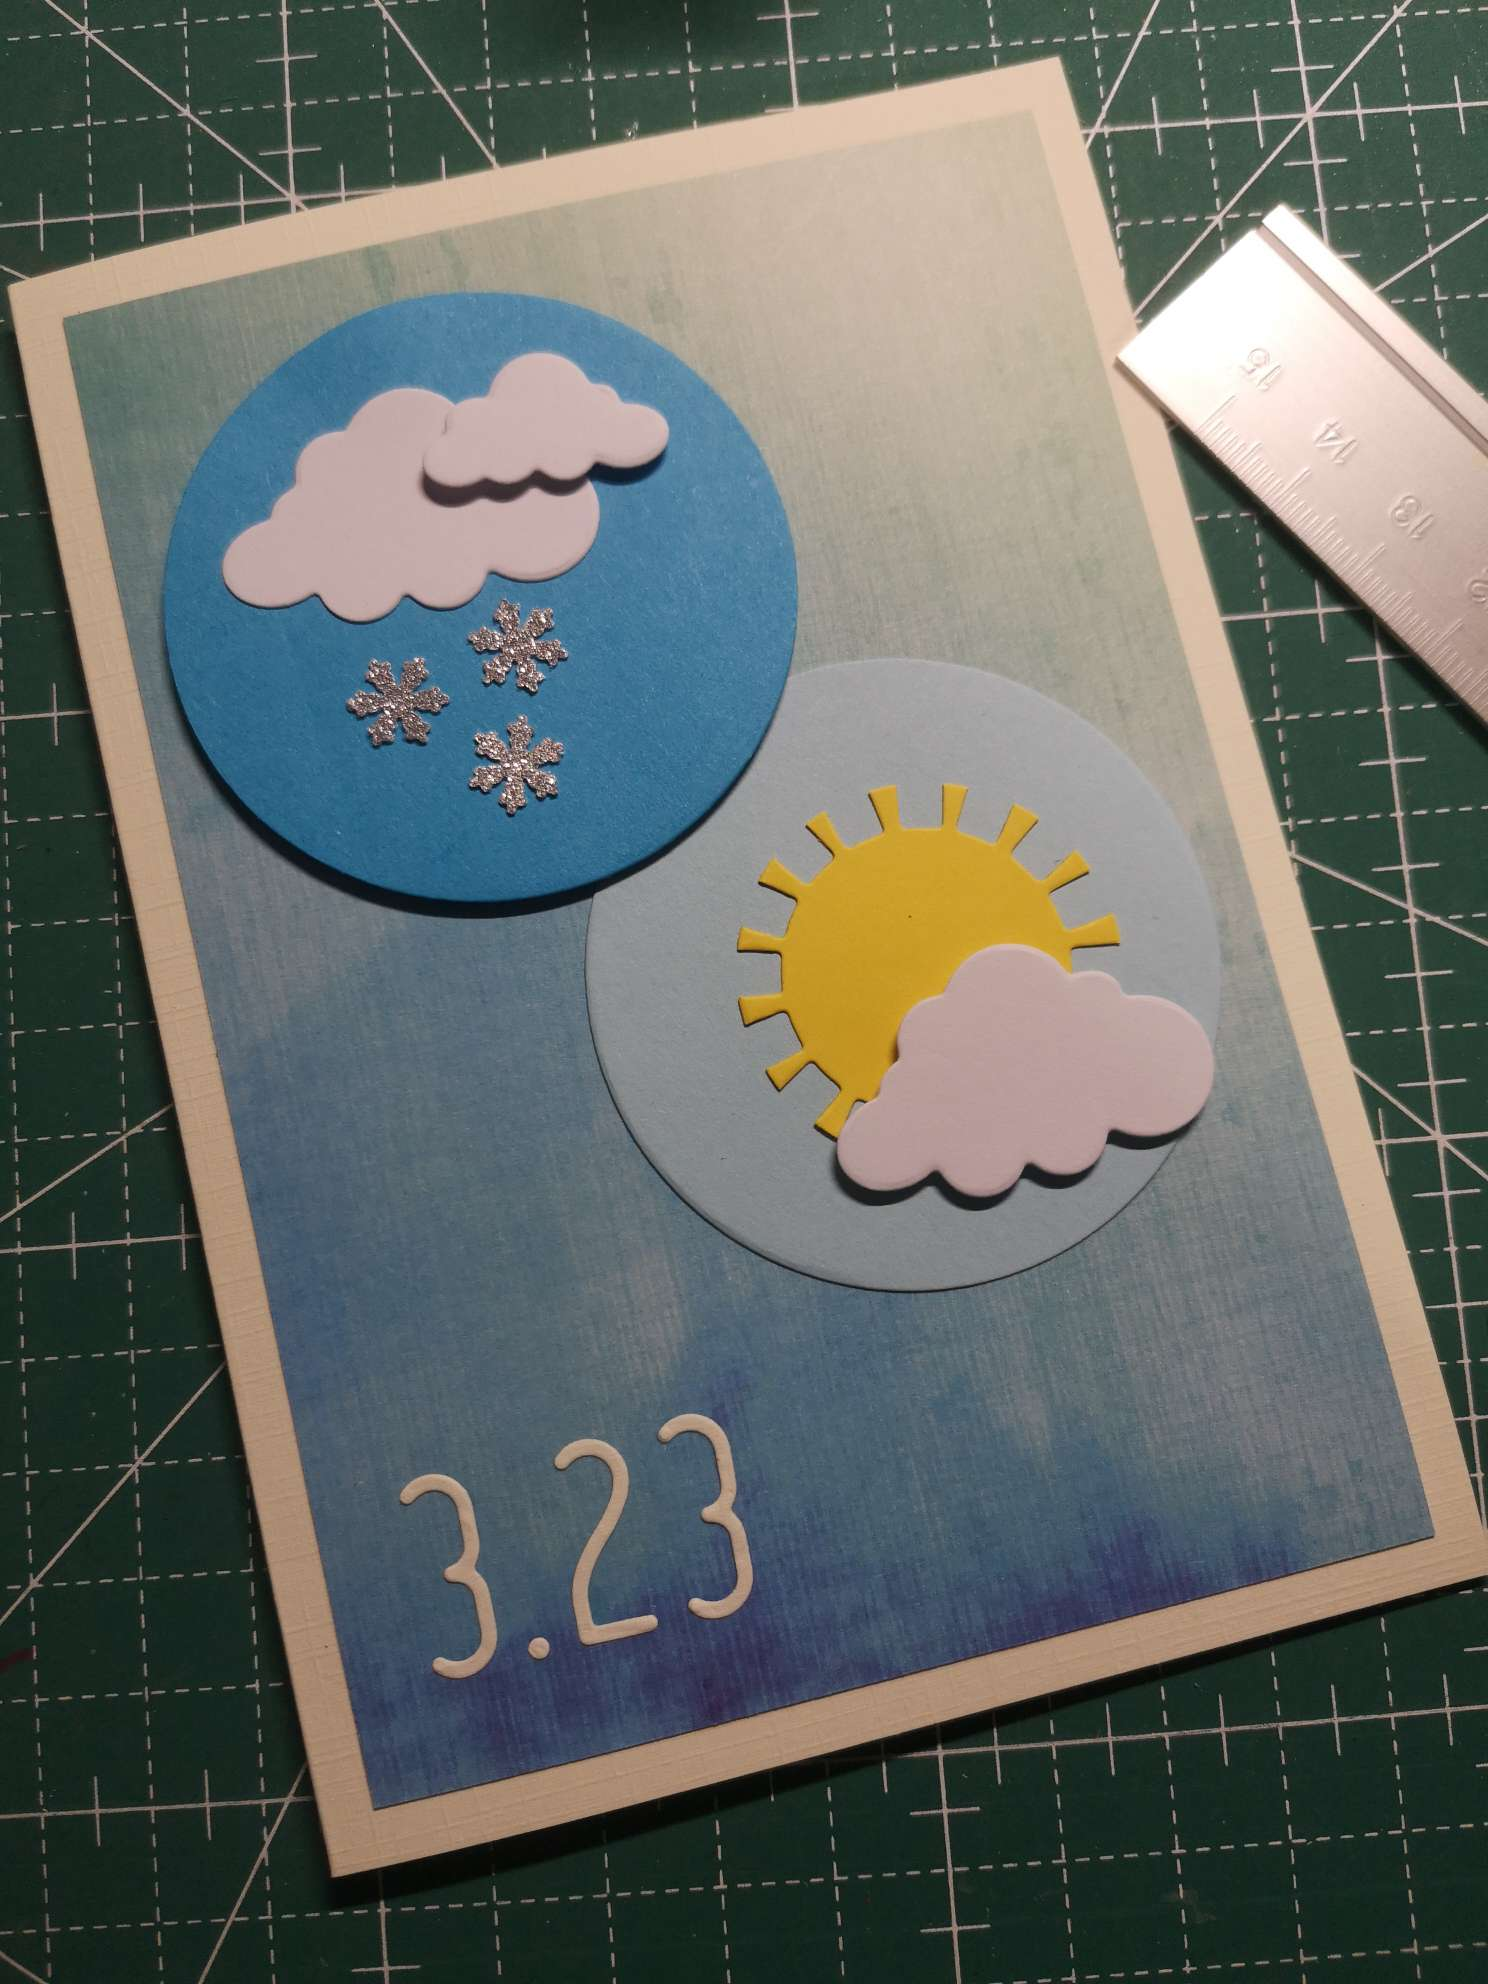 3.23世界气象日,所有节日皆可以做卡片系列,三月节日太多了好累,4月见了